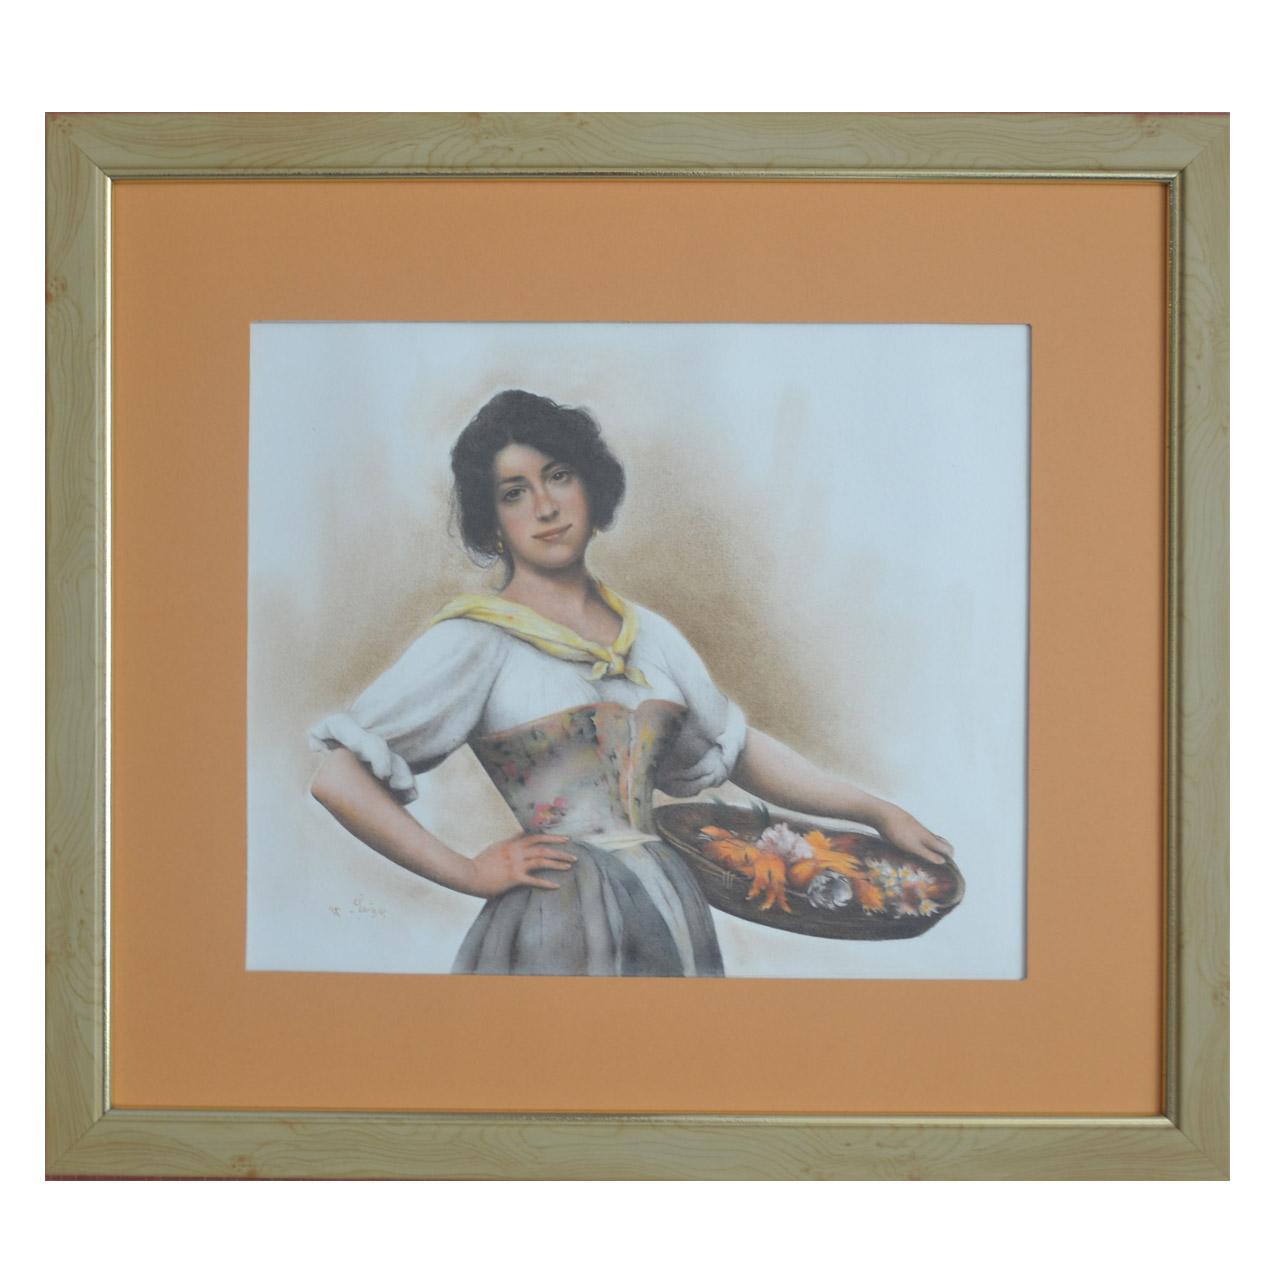 تابلو نقاشی مدل زن ونیزی